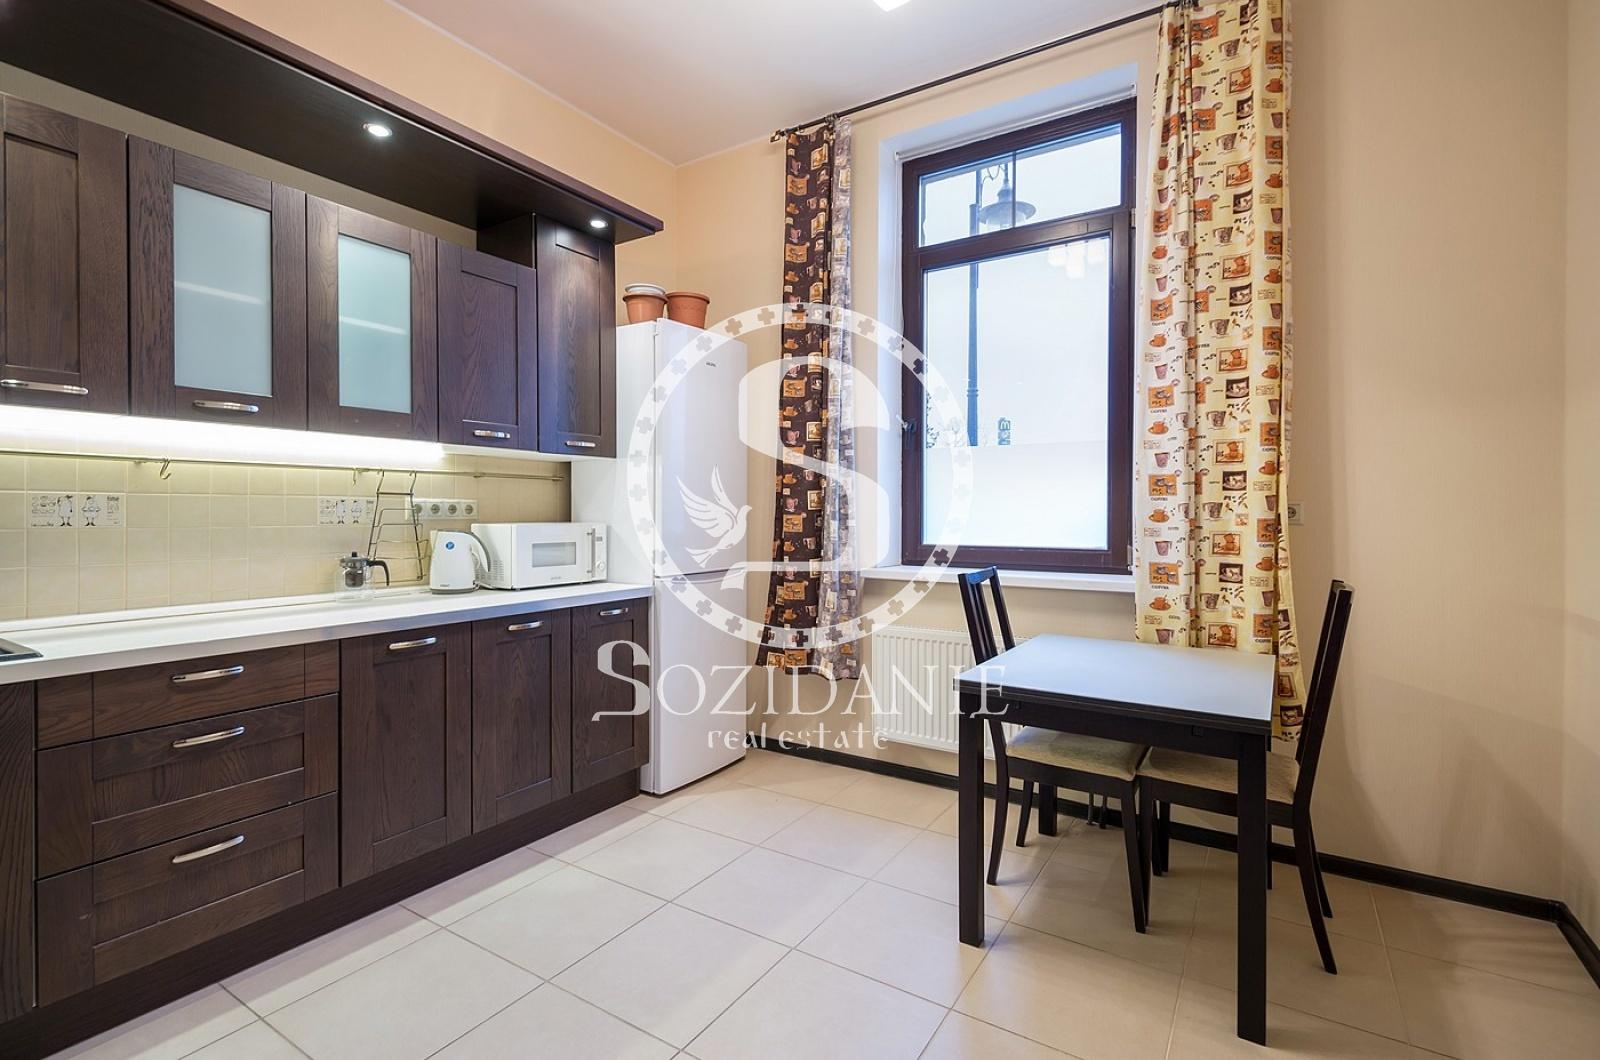 1 Bedrooms, 1 Комнаты, Загородная, Аренда, Listing ID 3634, Московская область, Россия,